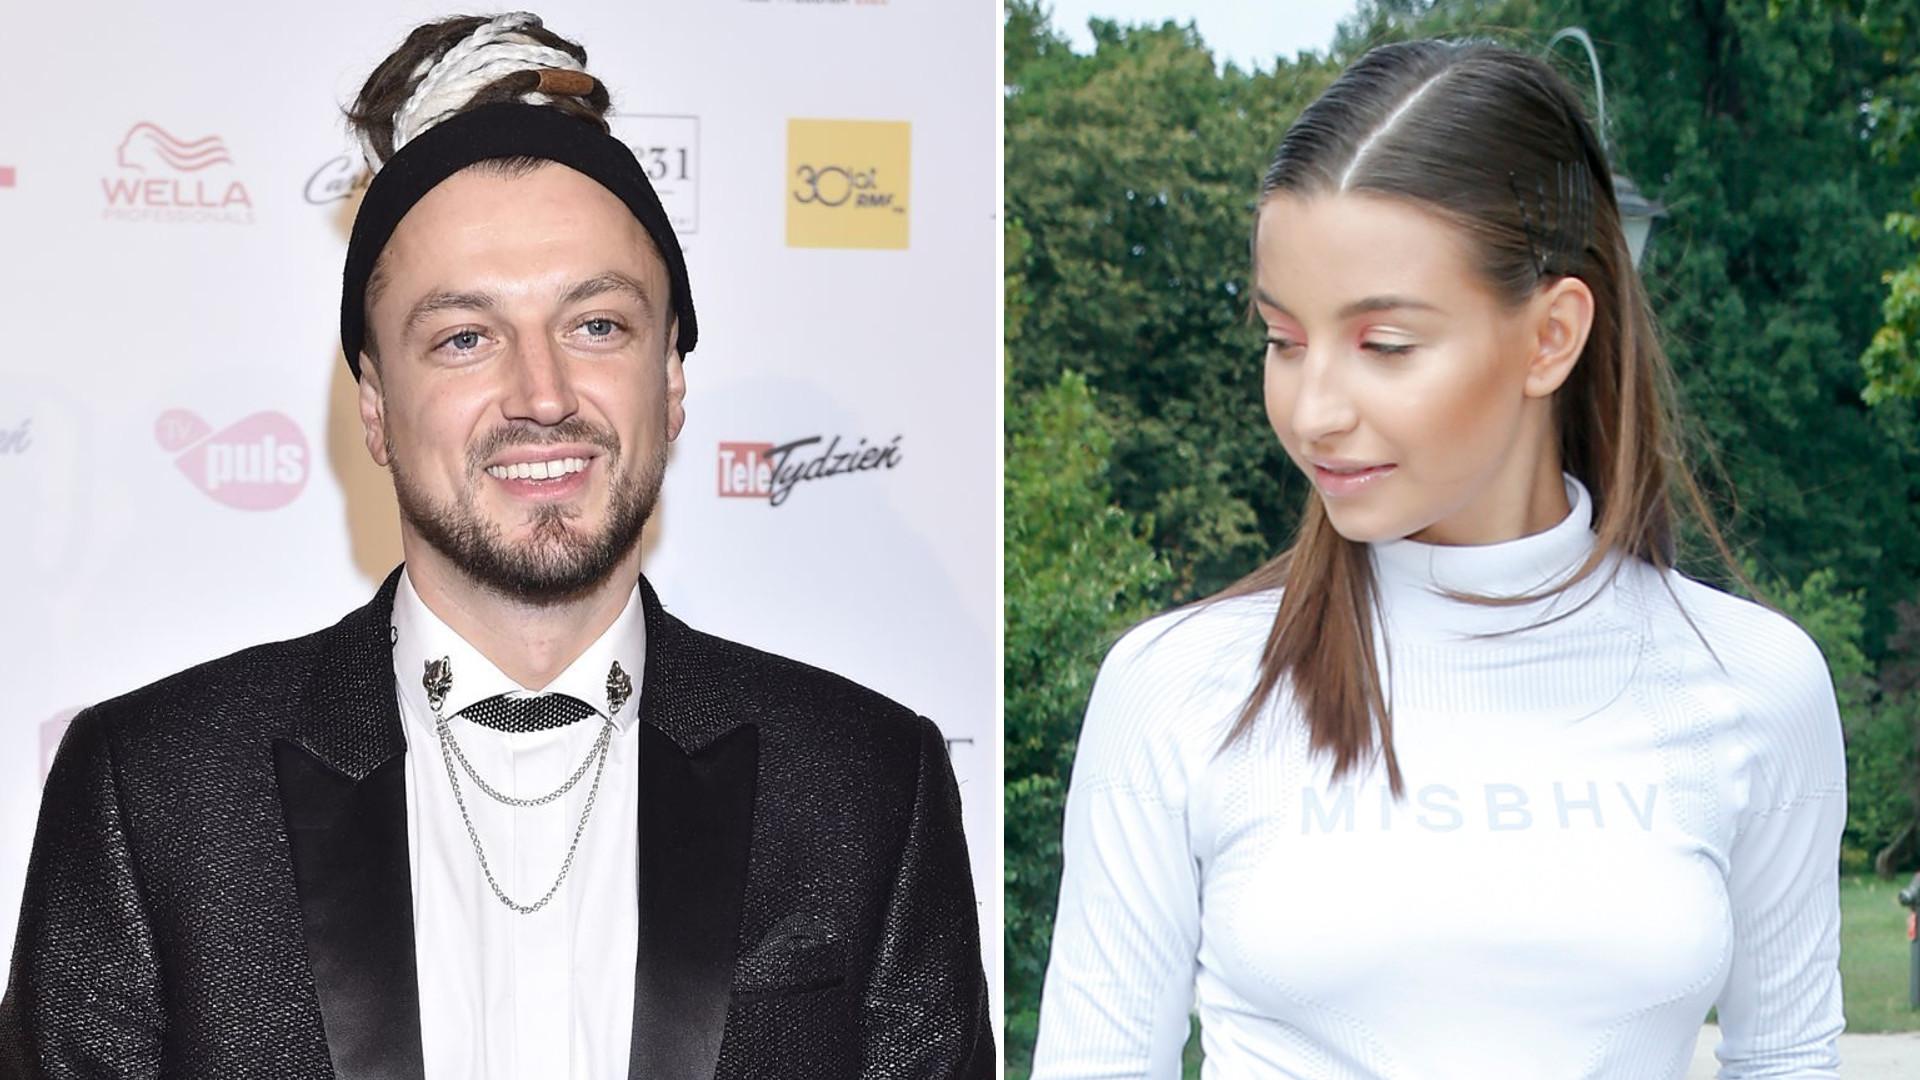 Baron wspomina na Instagramie Julię Wieniawę? Gwiazda zareagowała